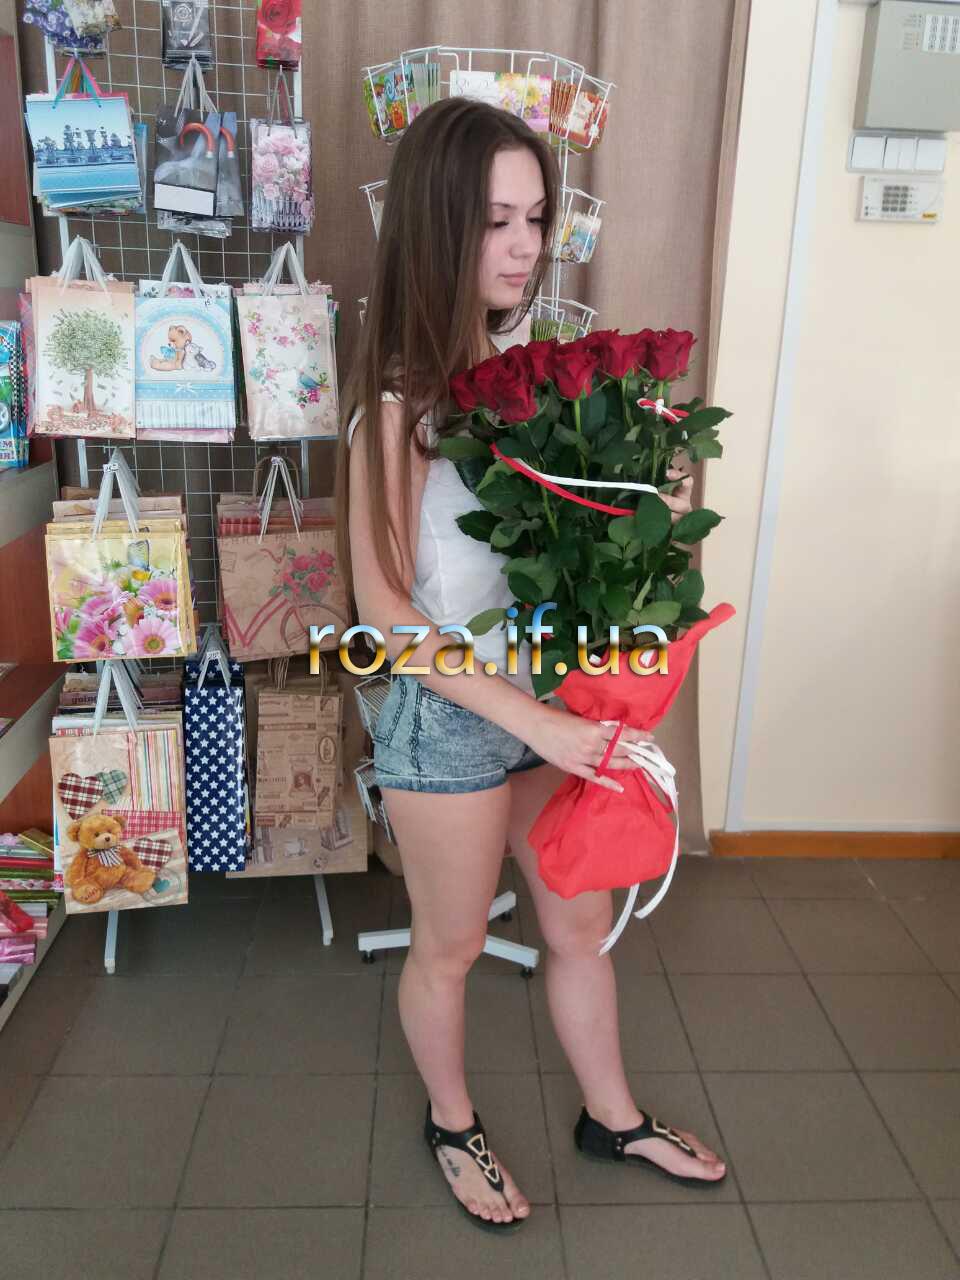 фотозвіт доставки квітів у франківську